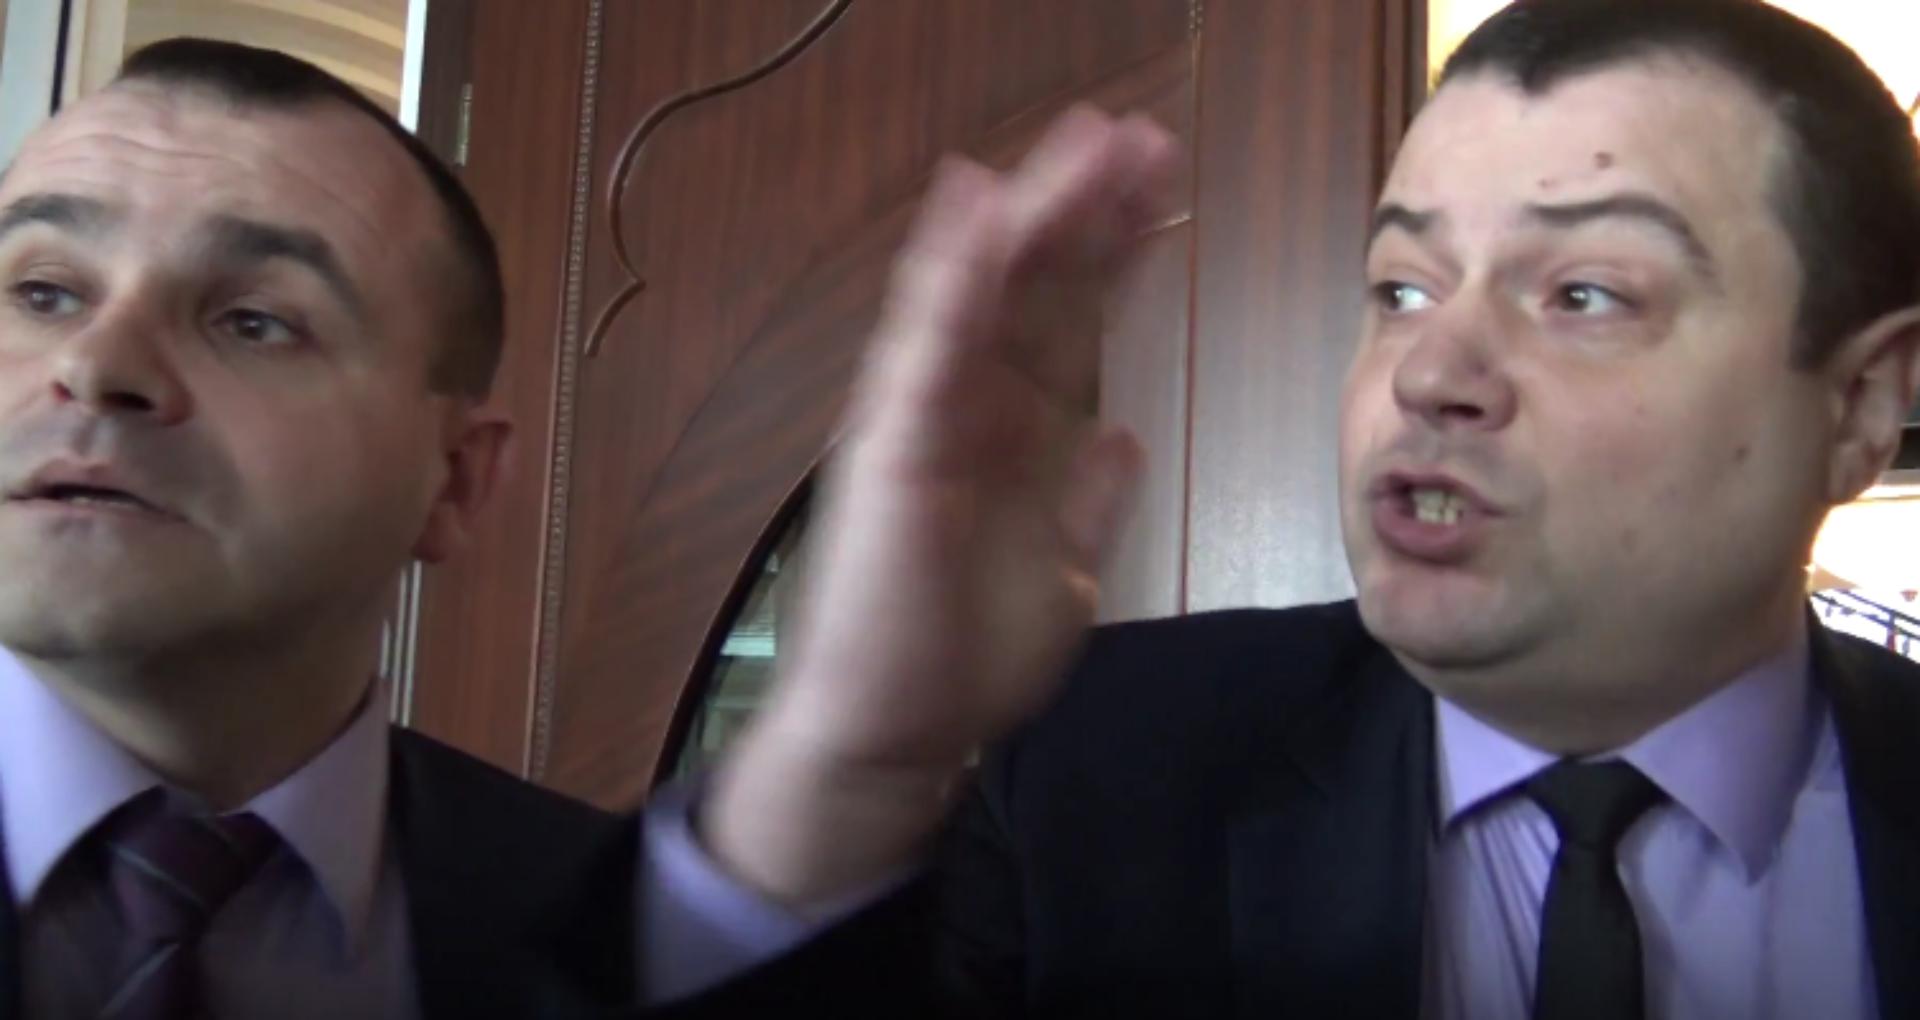 (VIDEO) Ziarul de Gardă, acces interzis la un eveniment organizat de Președinție